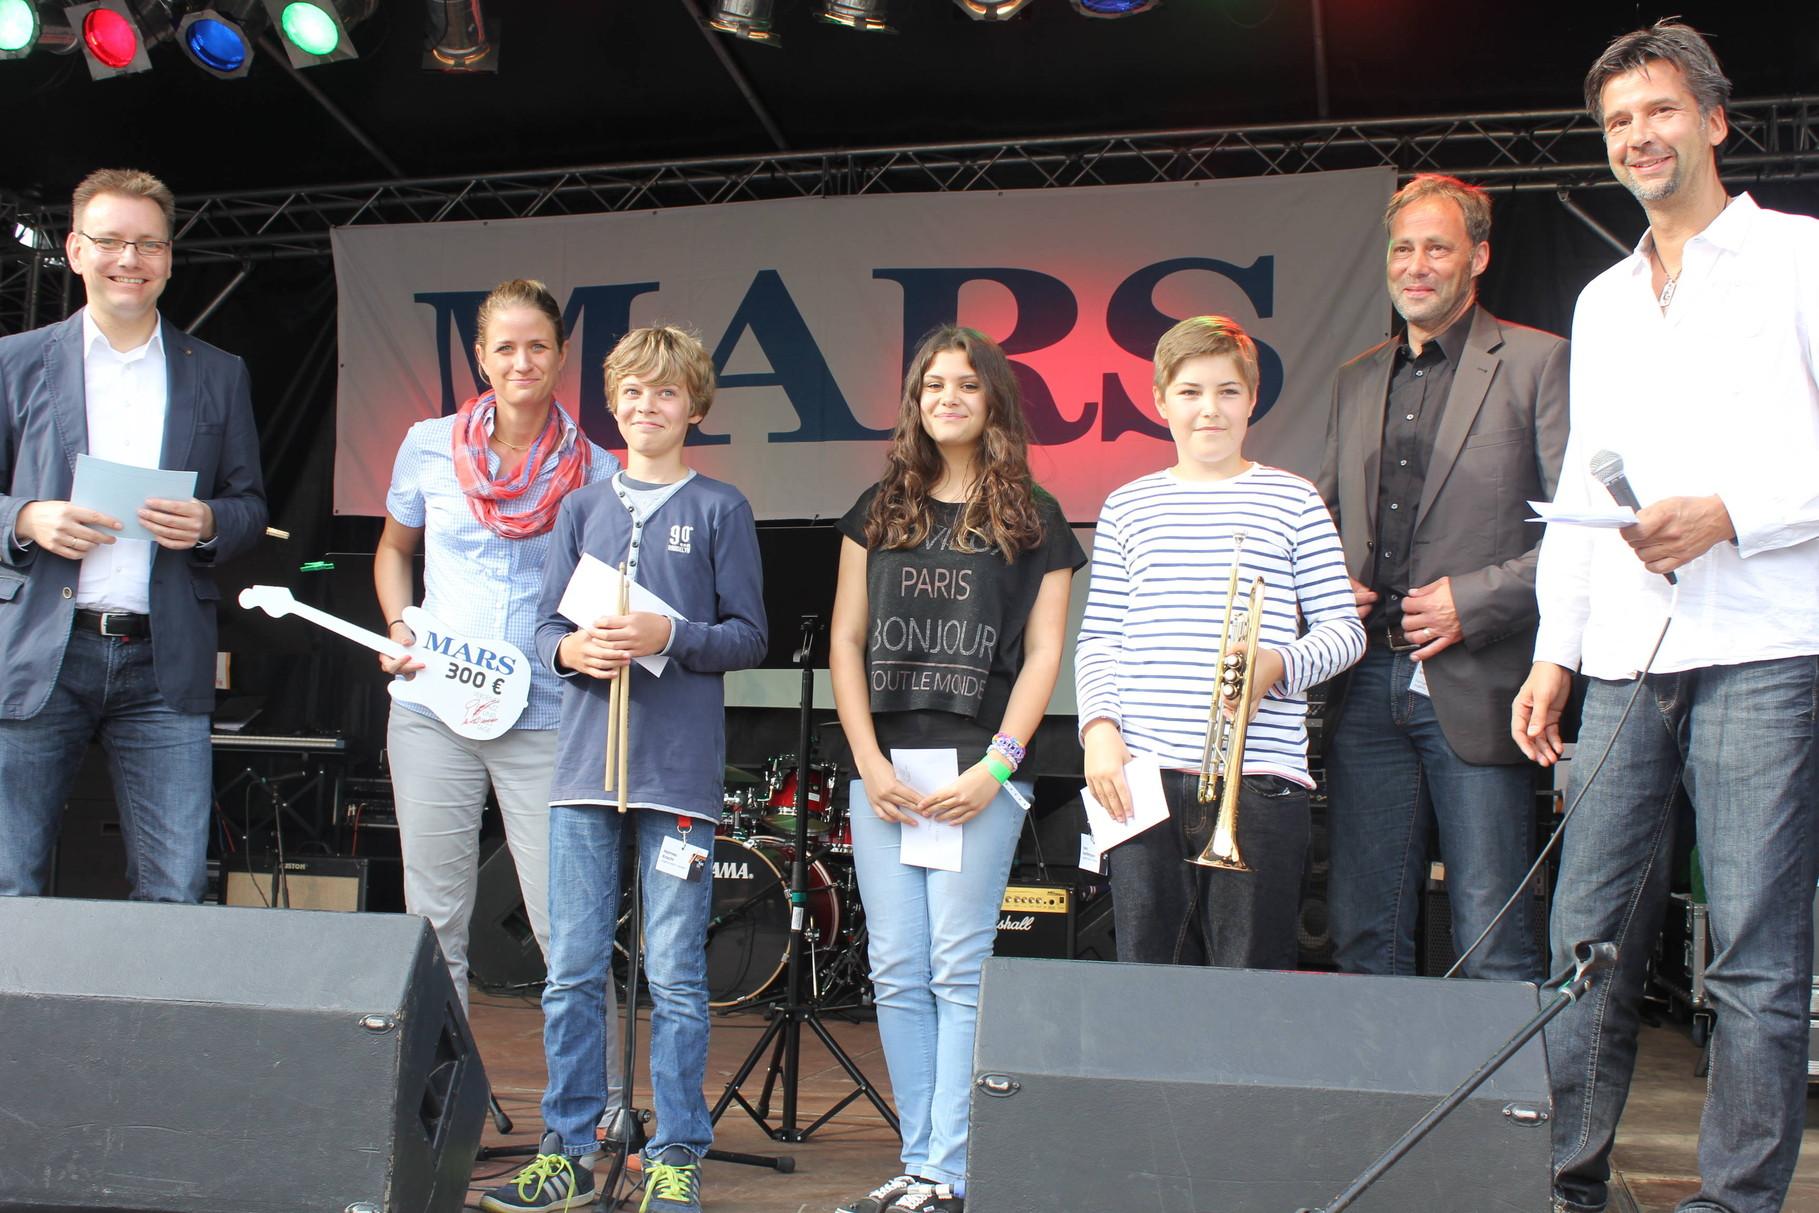 Vergabe des Mars-Förderpreises an junge Musiker